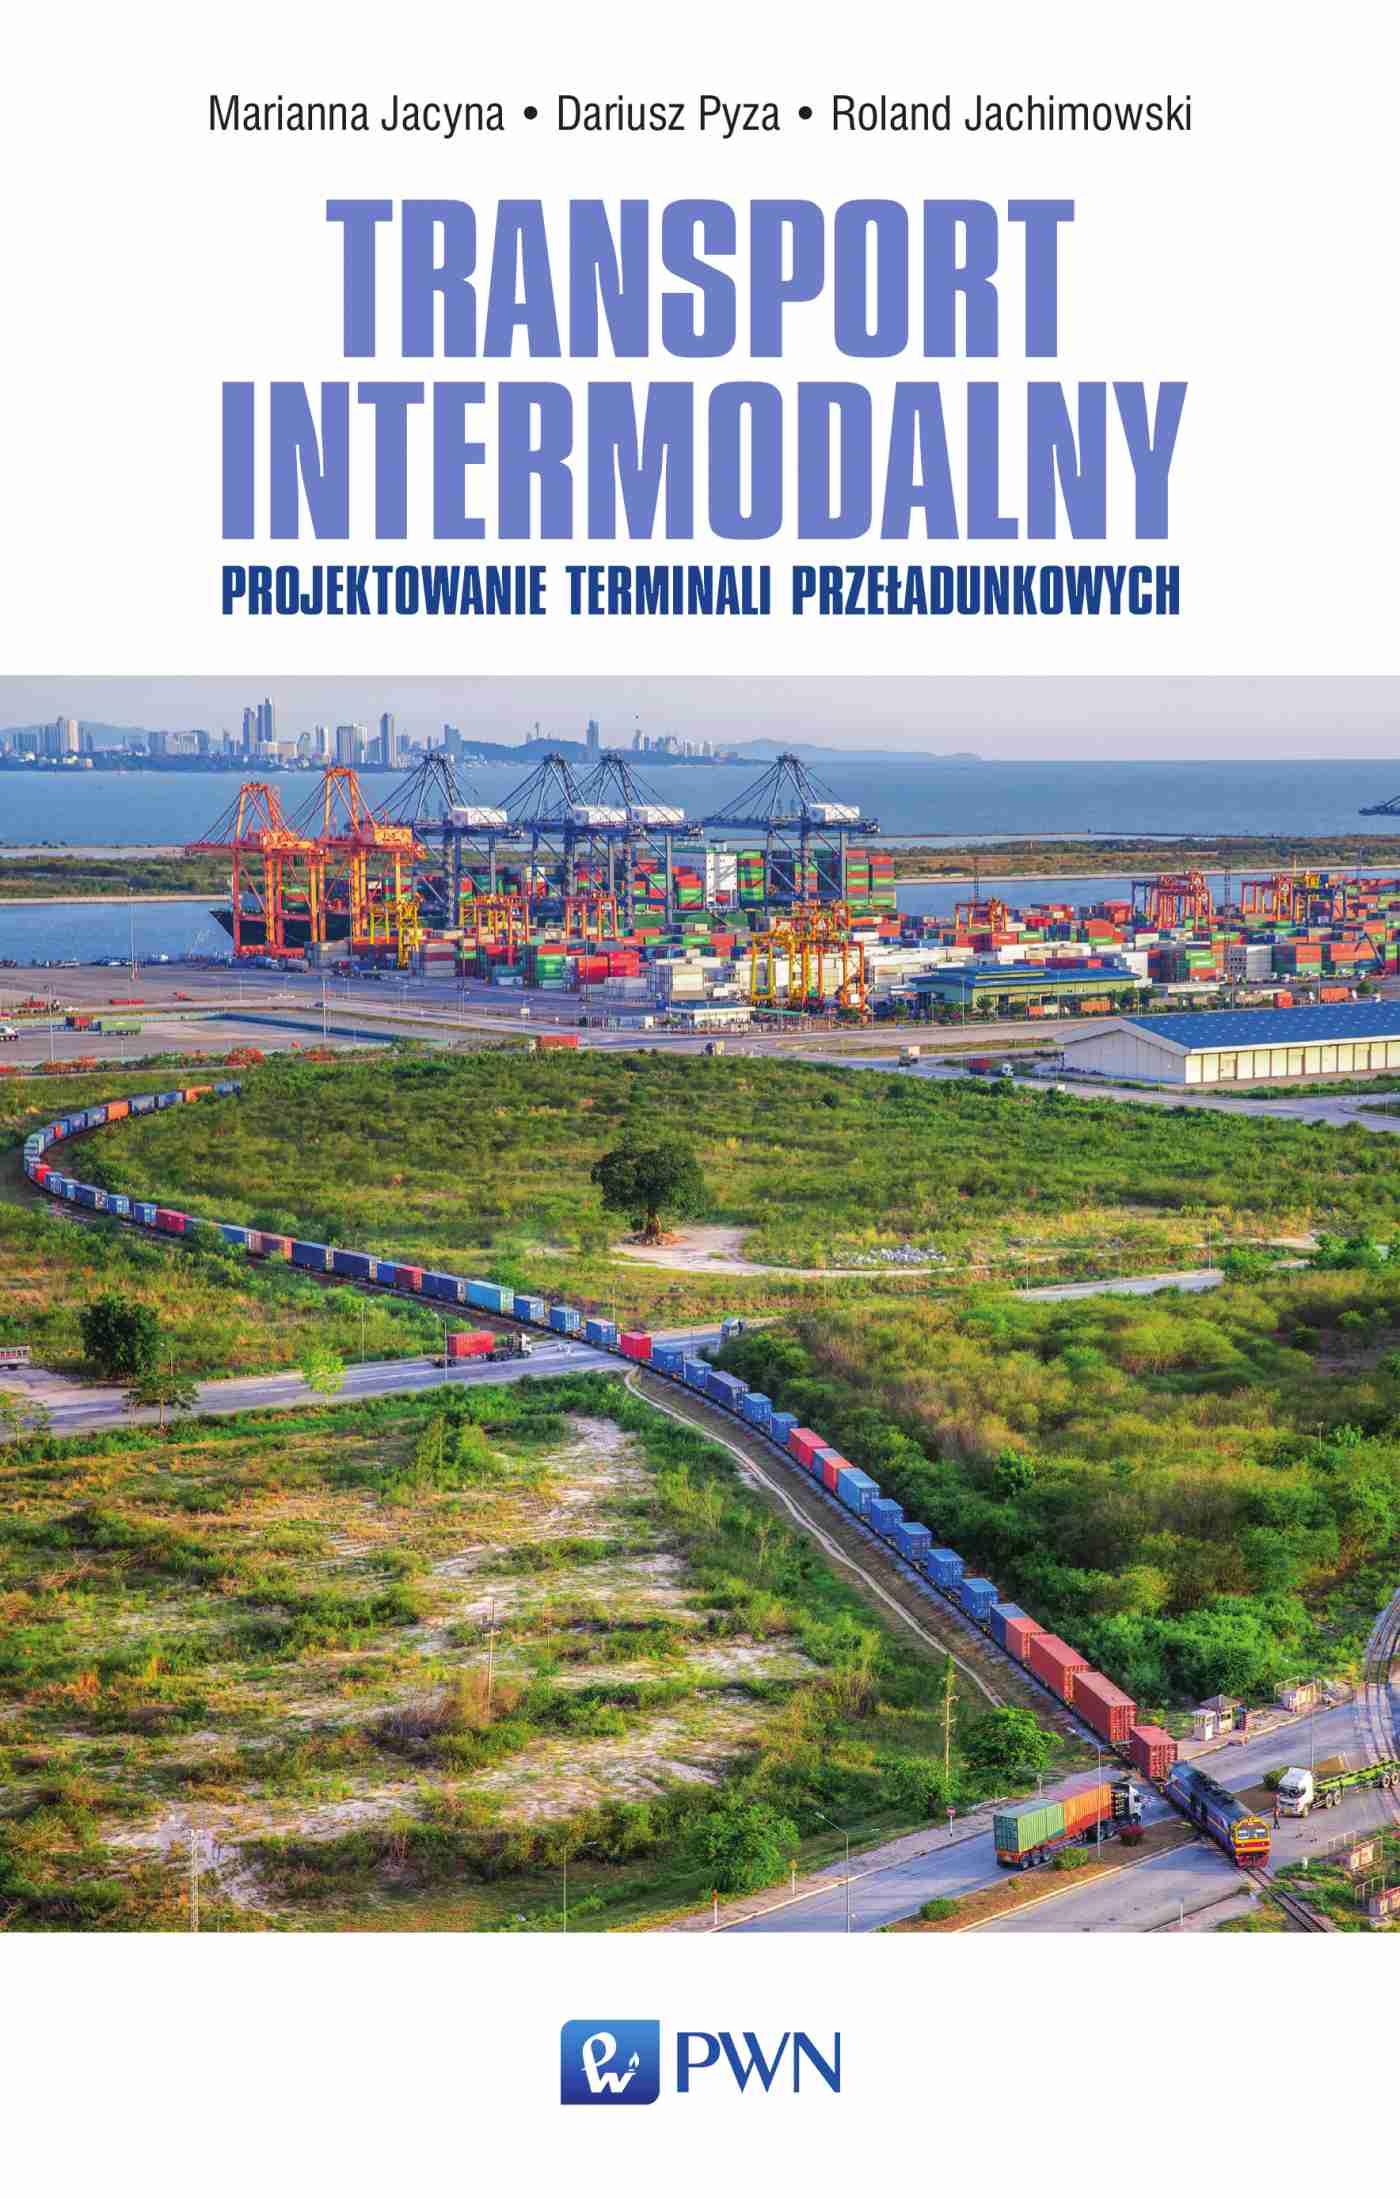 Transport intermodalny. Projektowanie terminali przeładunkowych - Ebook (Książka na Kindle) do pobrania w formacie MOBI